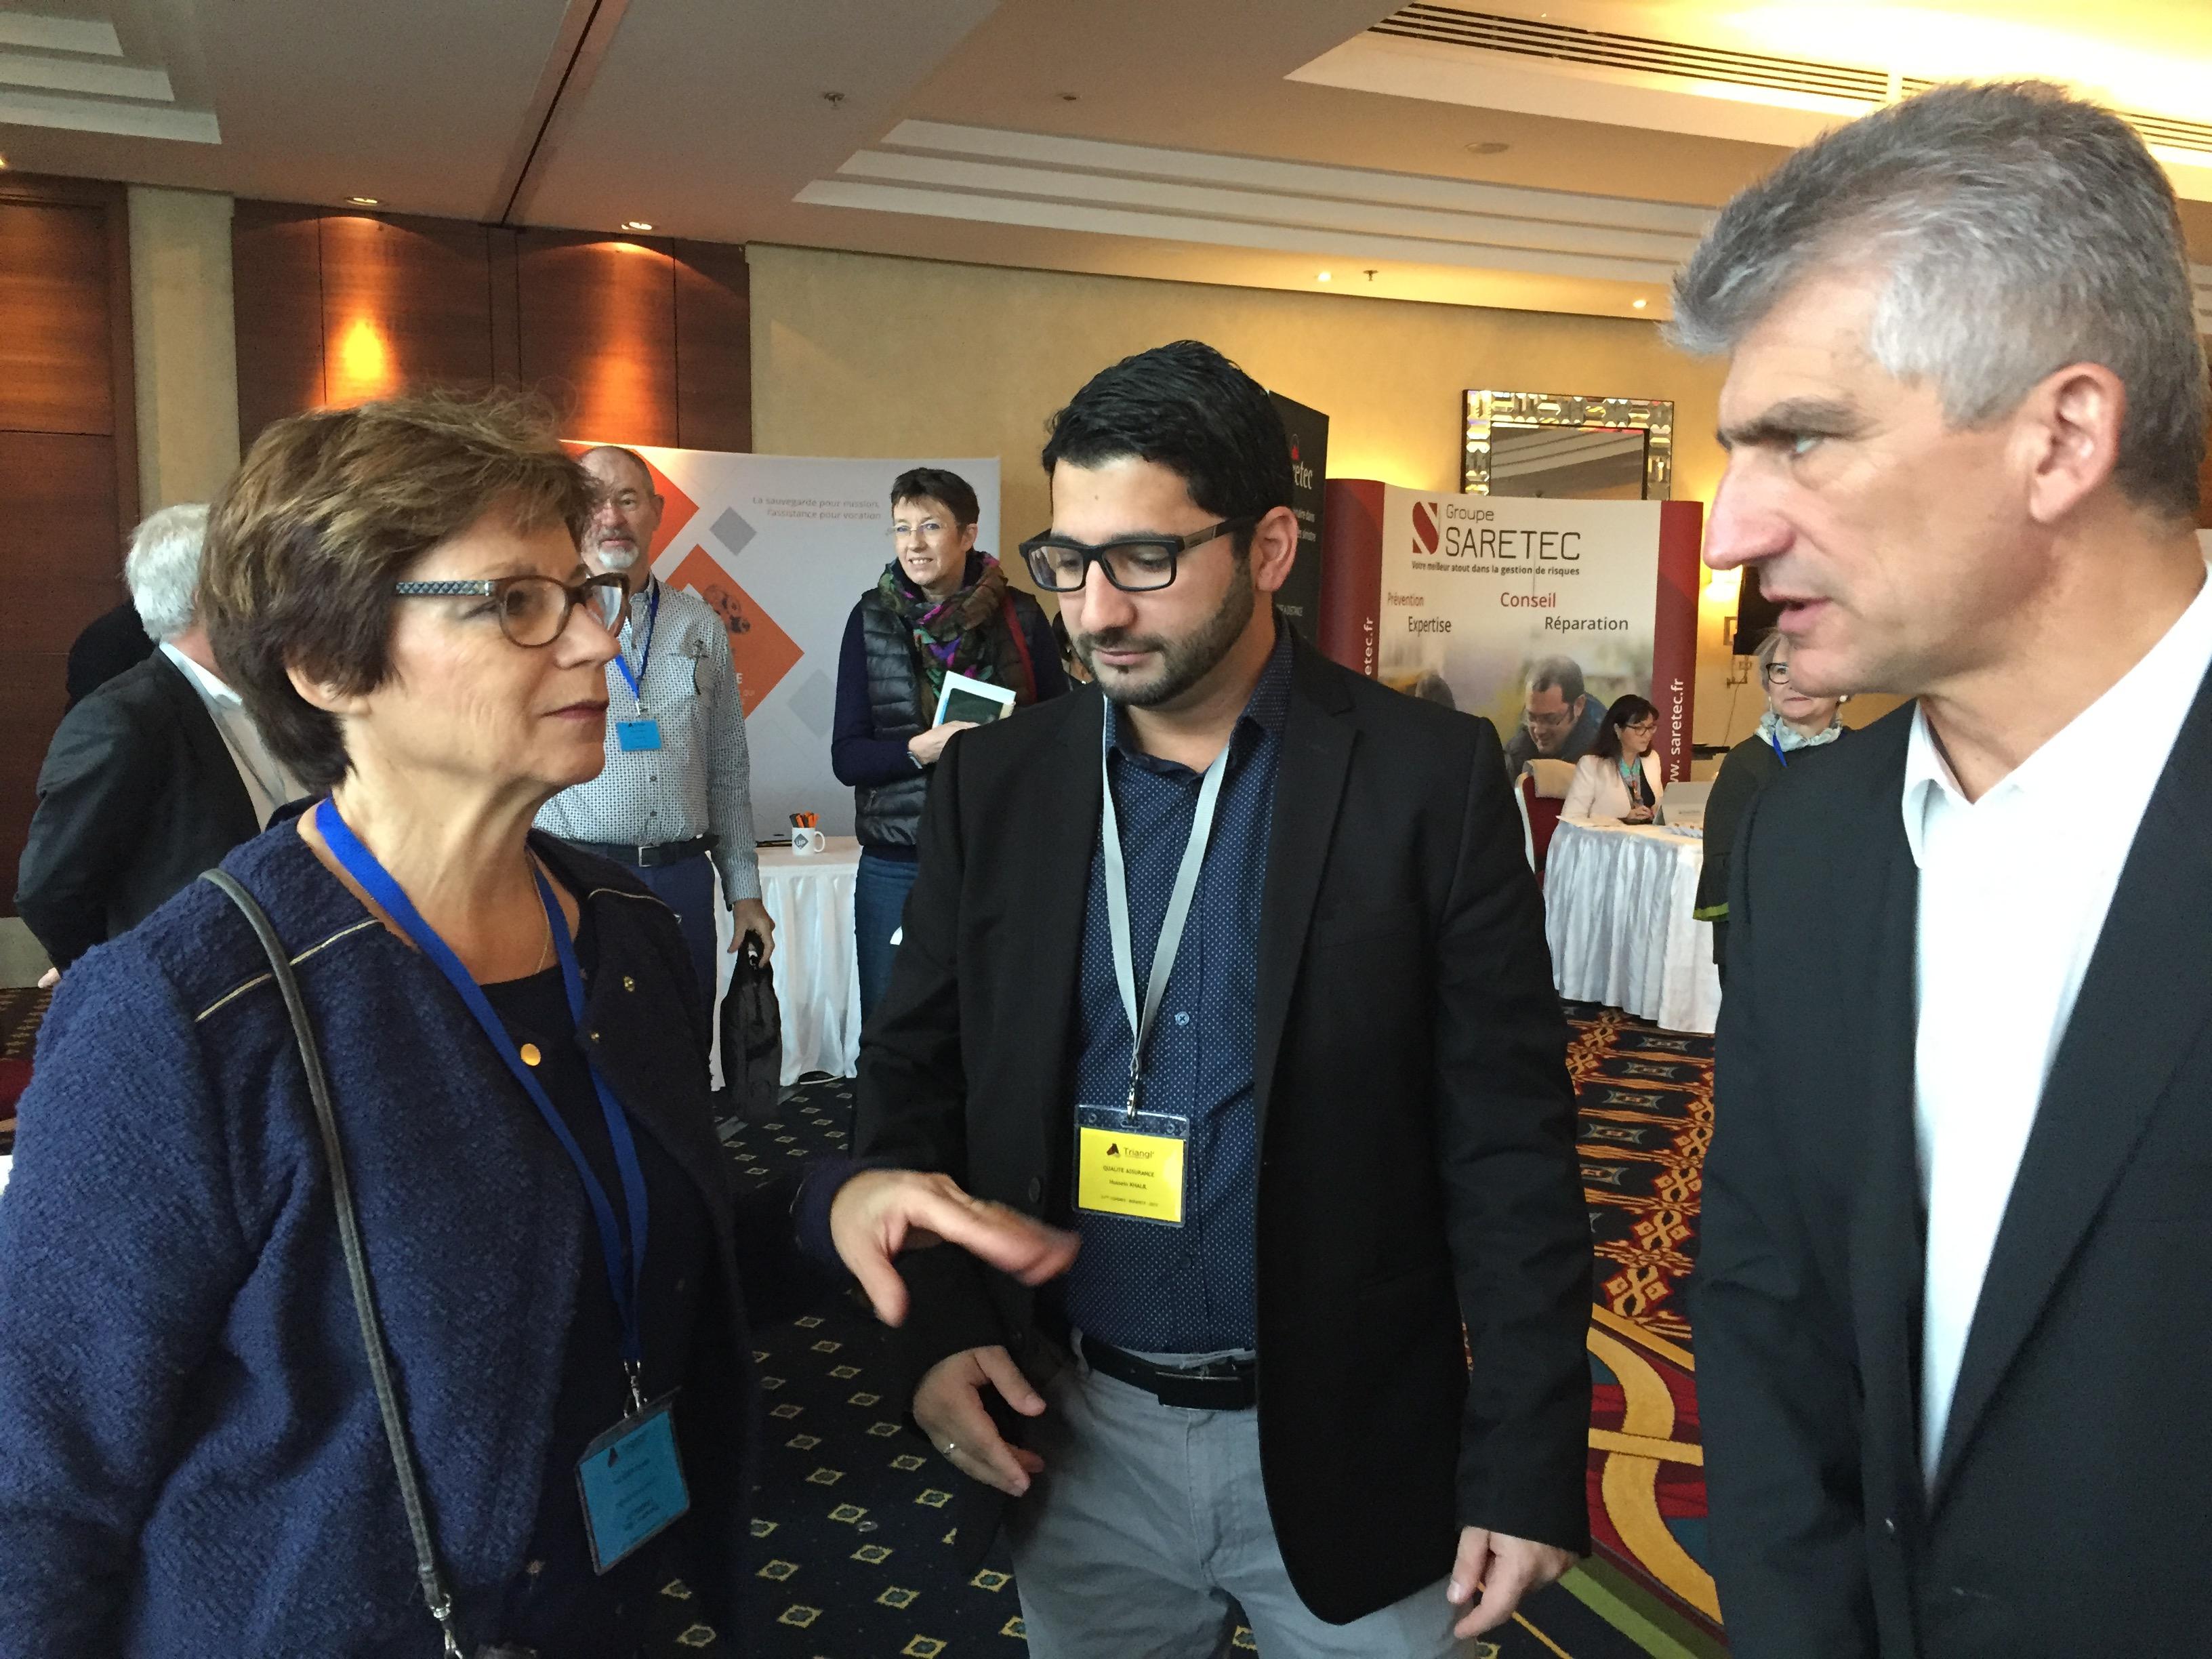 De gauche à droite : Mme Colette PALLICIEN, Mr Hussein KHALIL, Mr Jean-Marc SEGUI (Vice-Président TRIANGL')